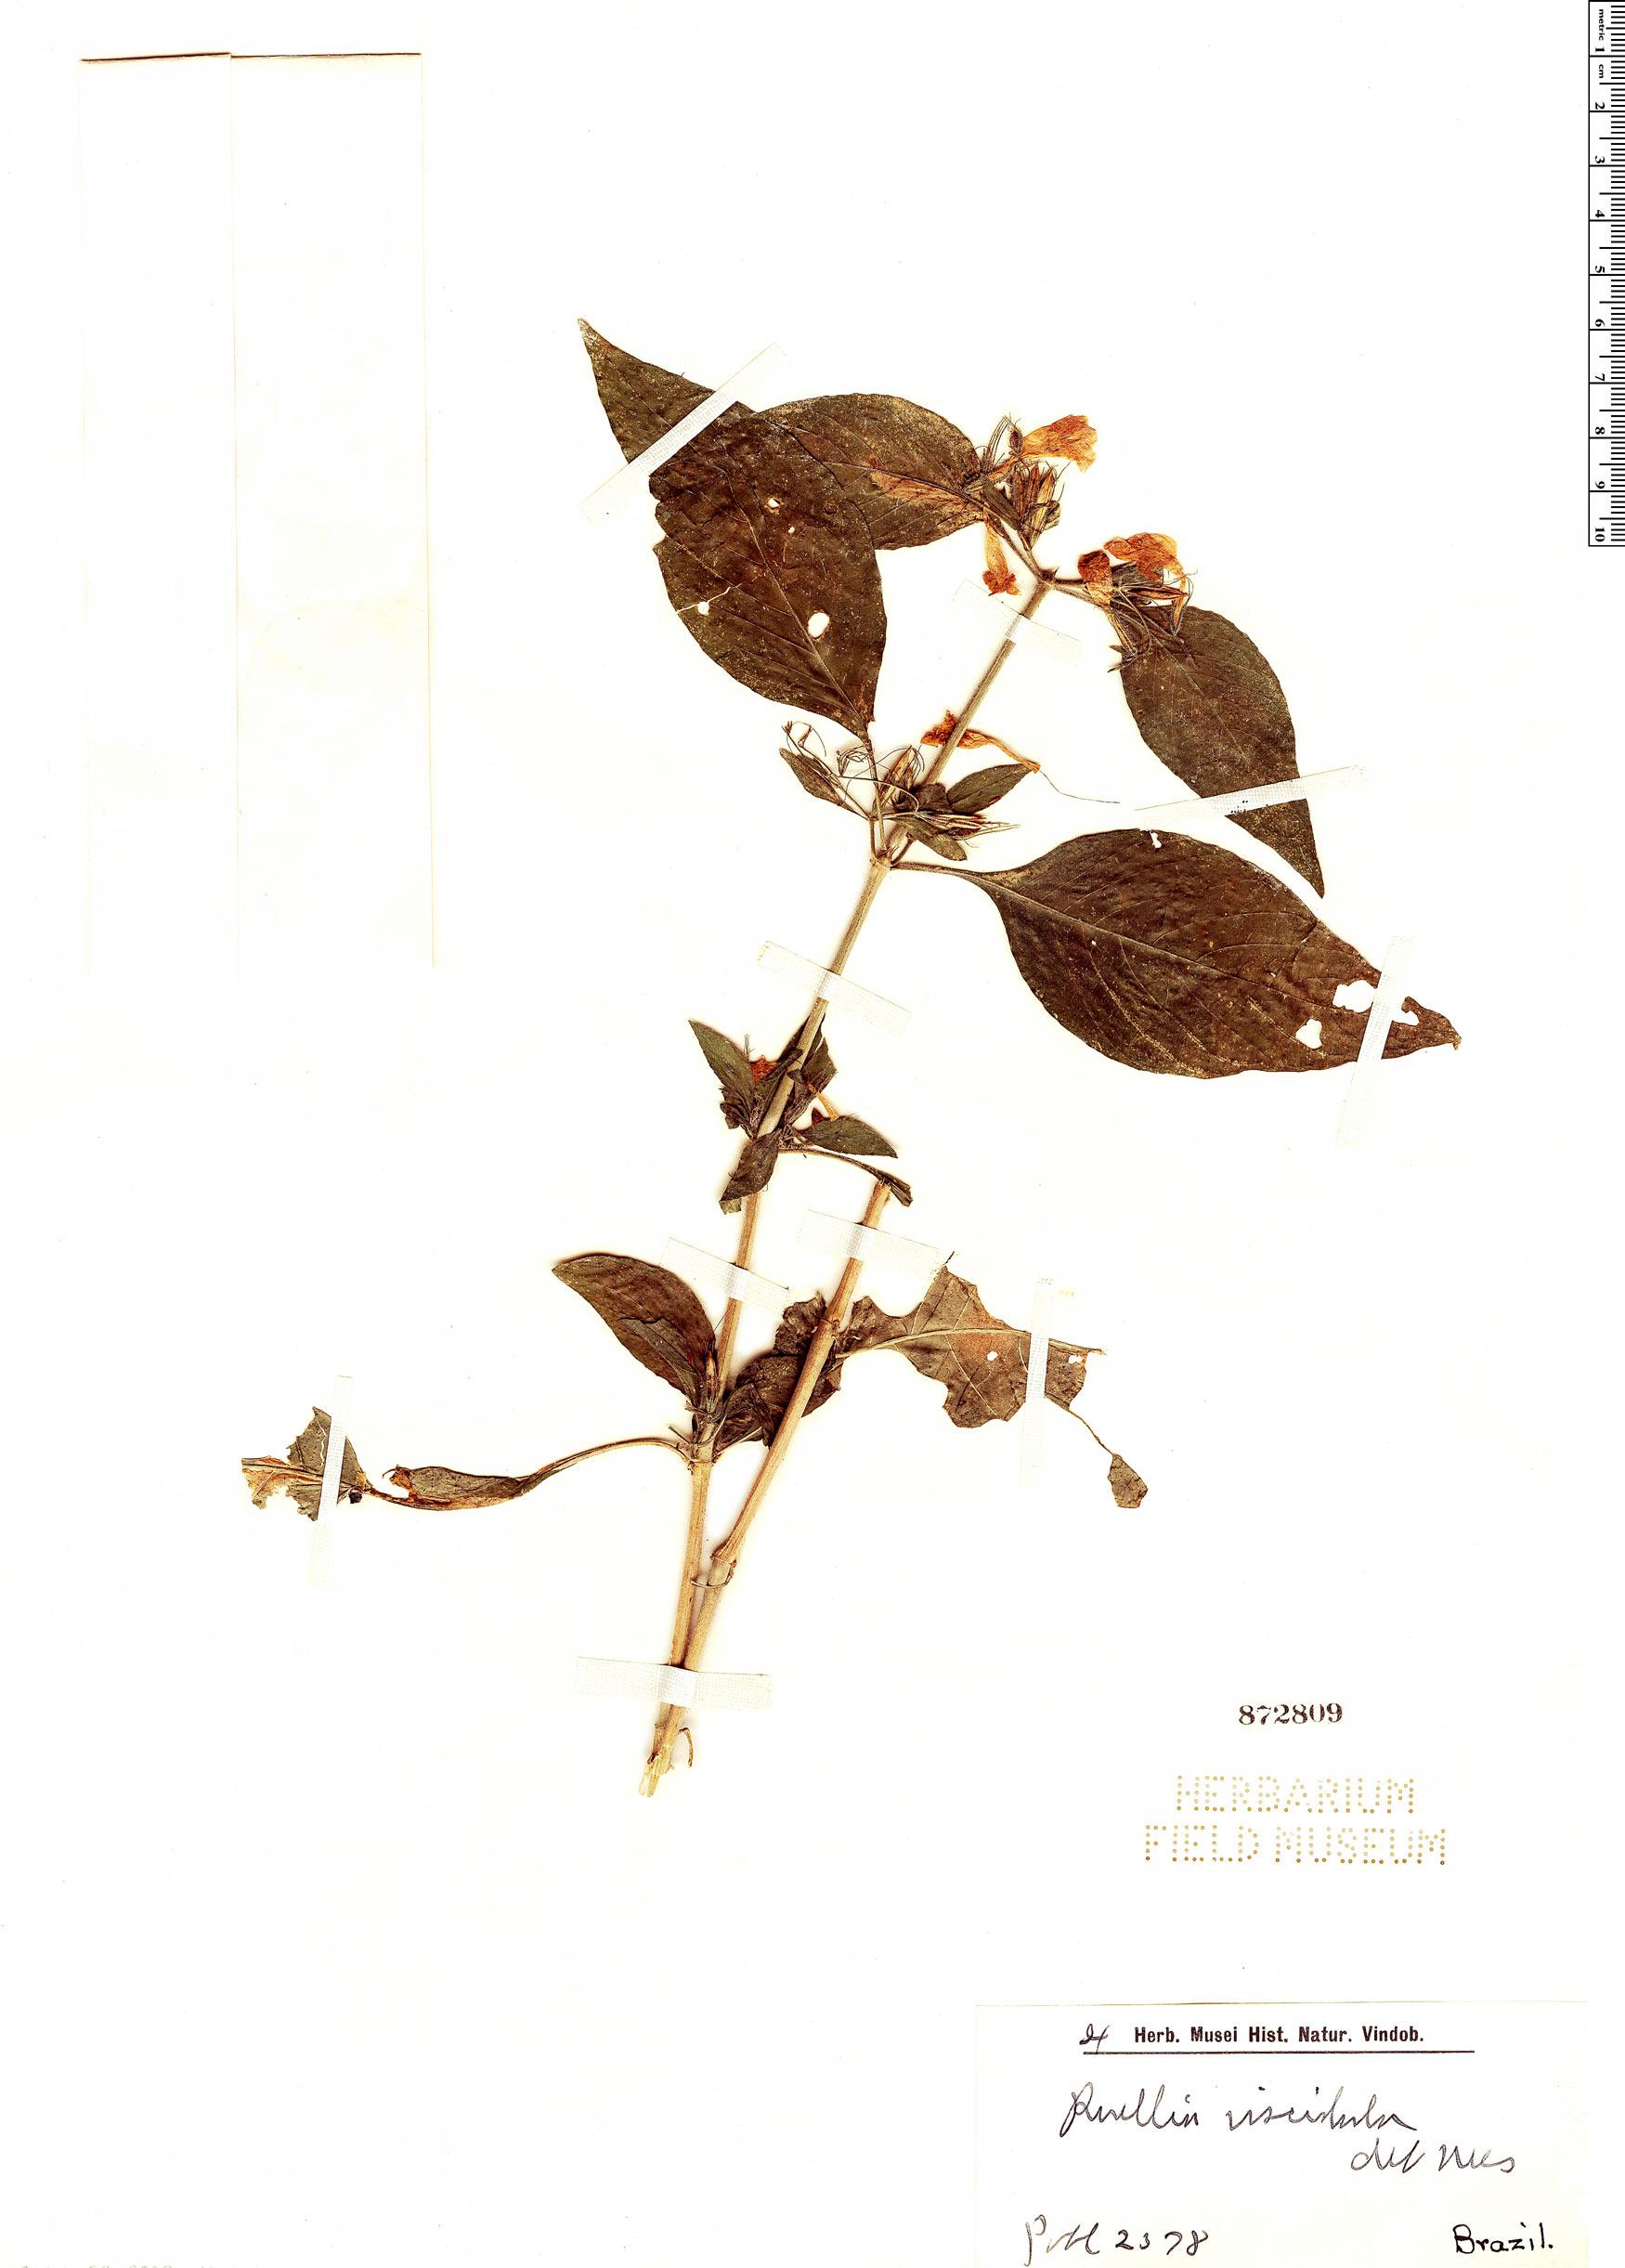 Specimen: Ruellia viscidula